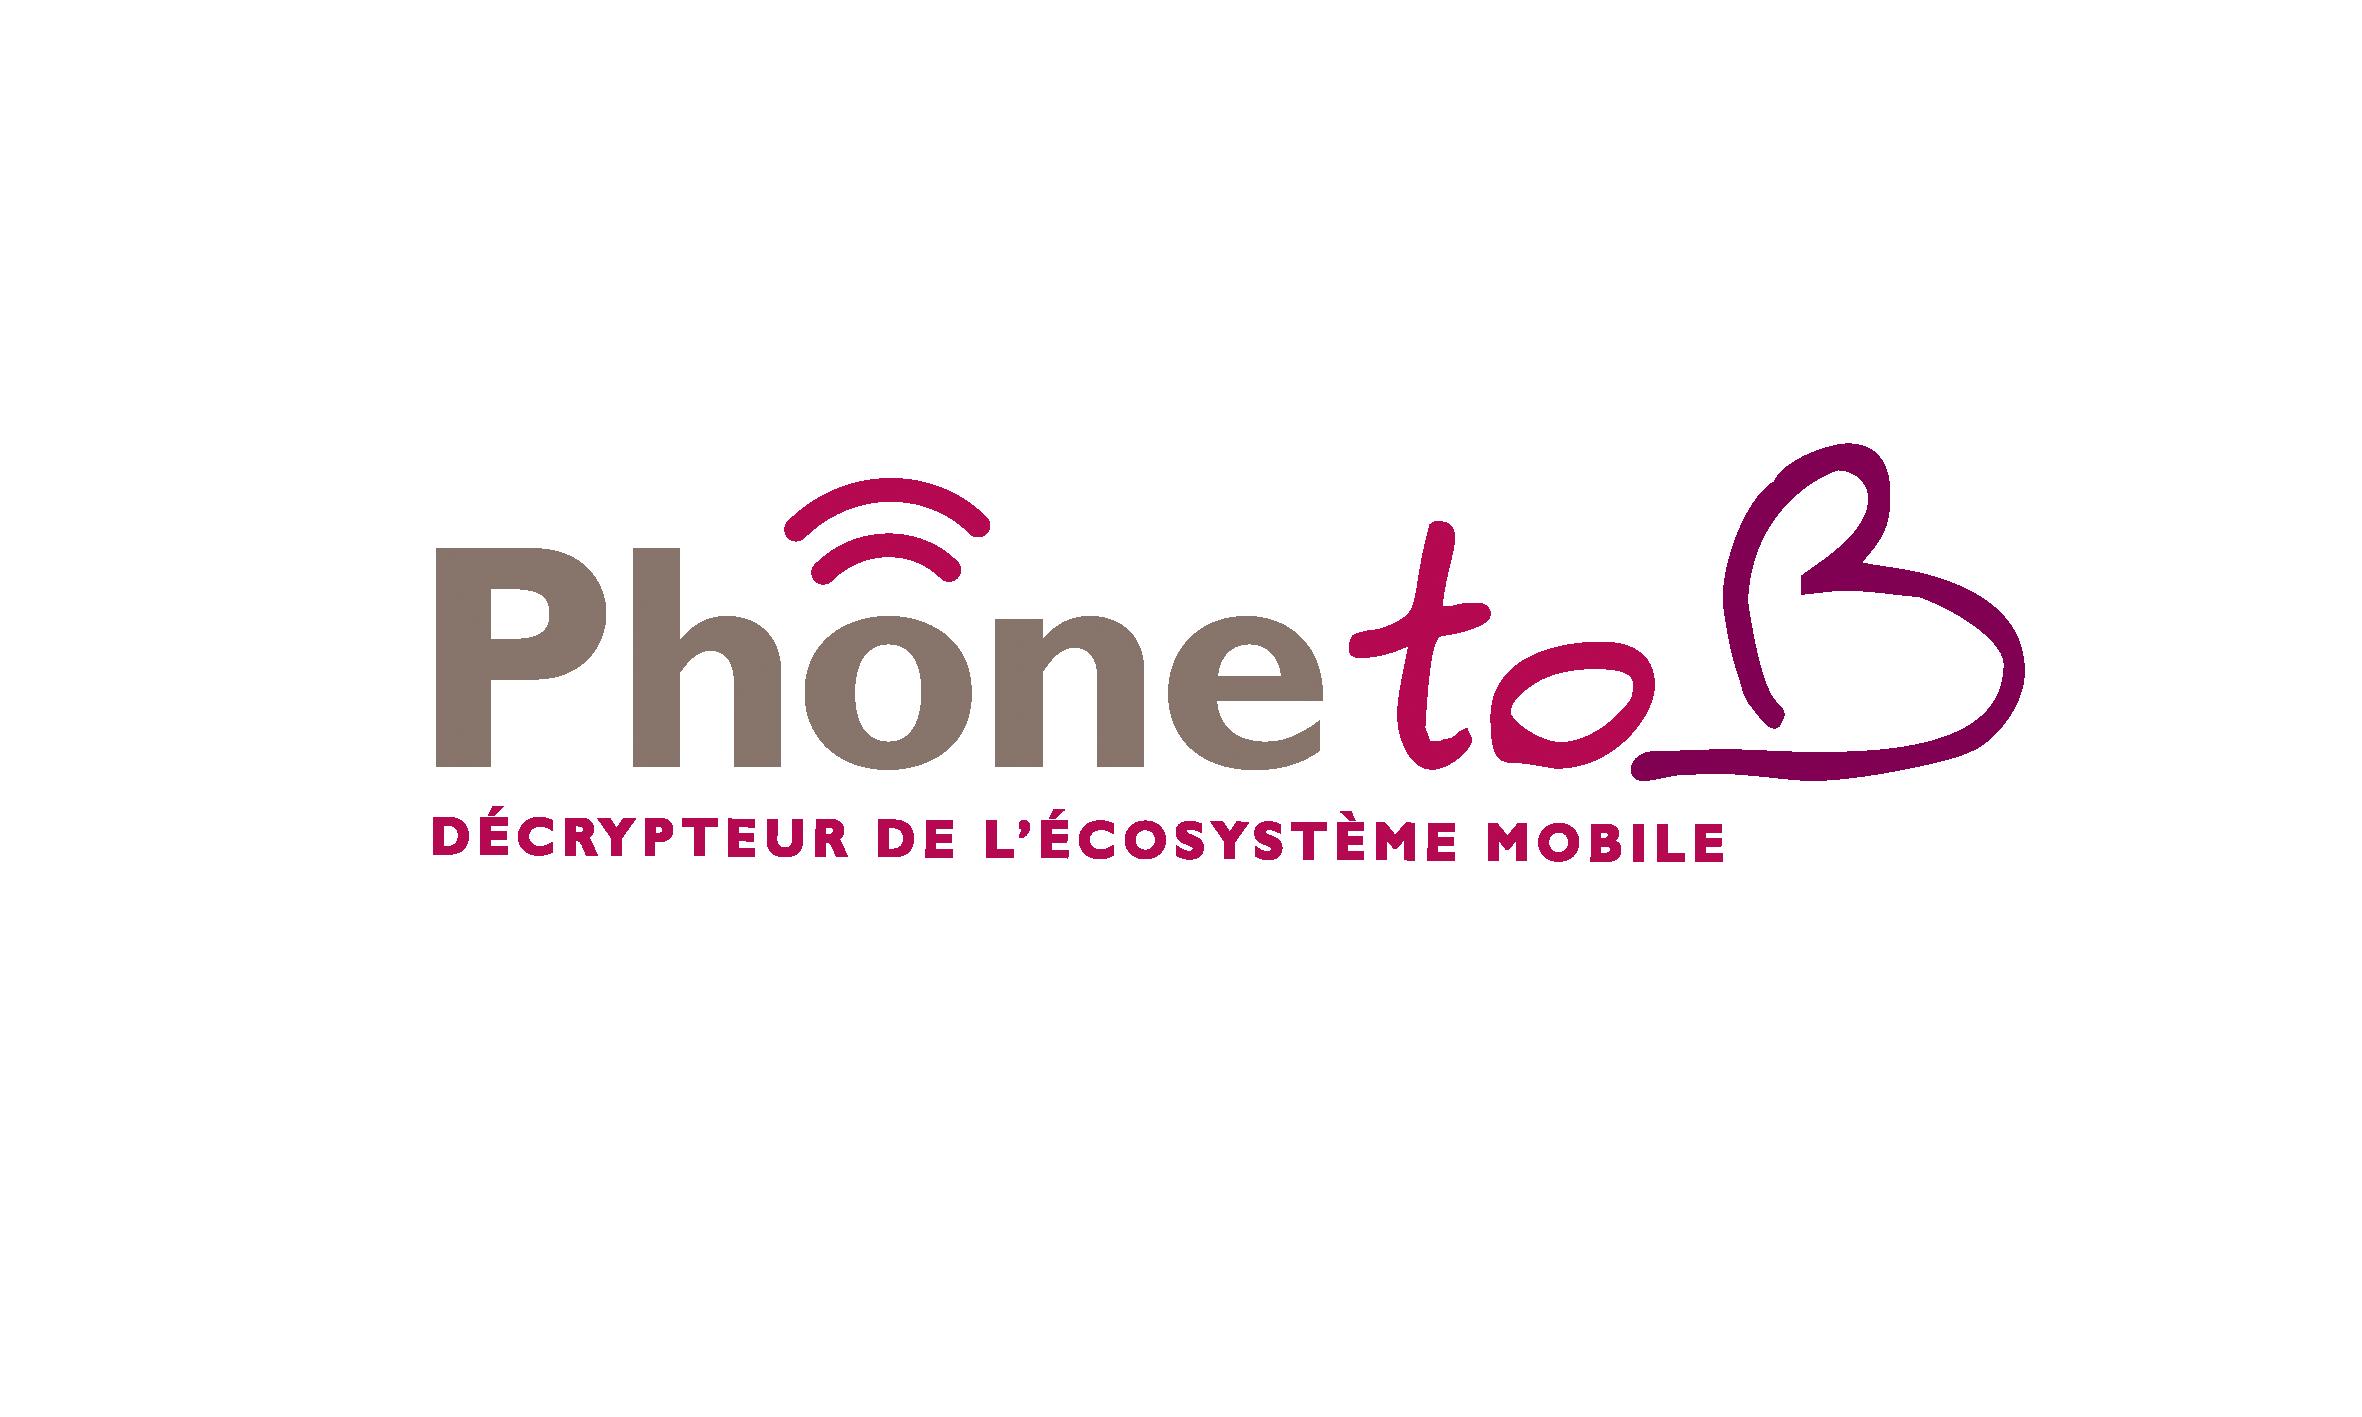 Phone to B